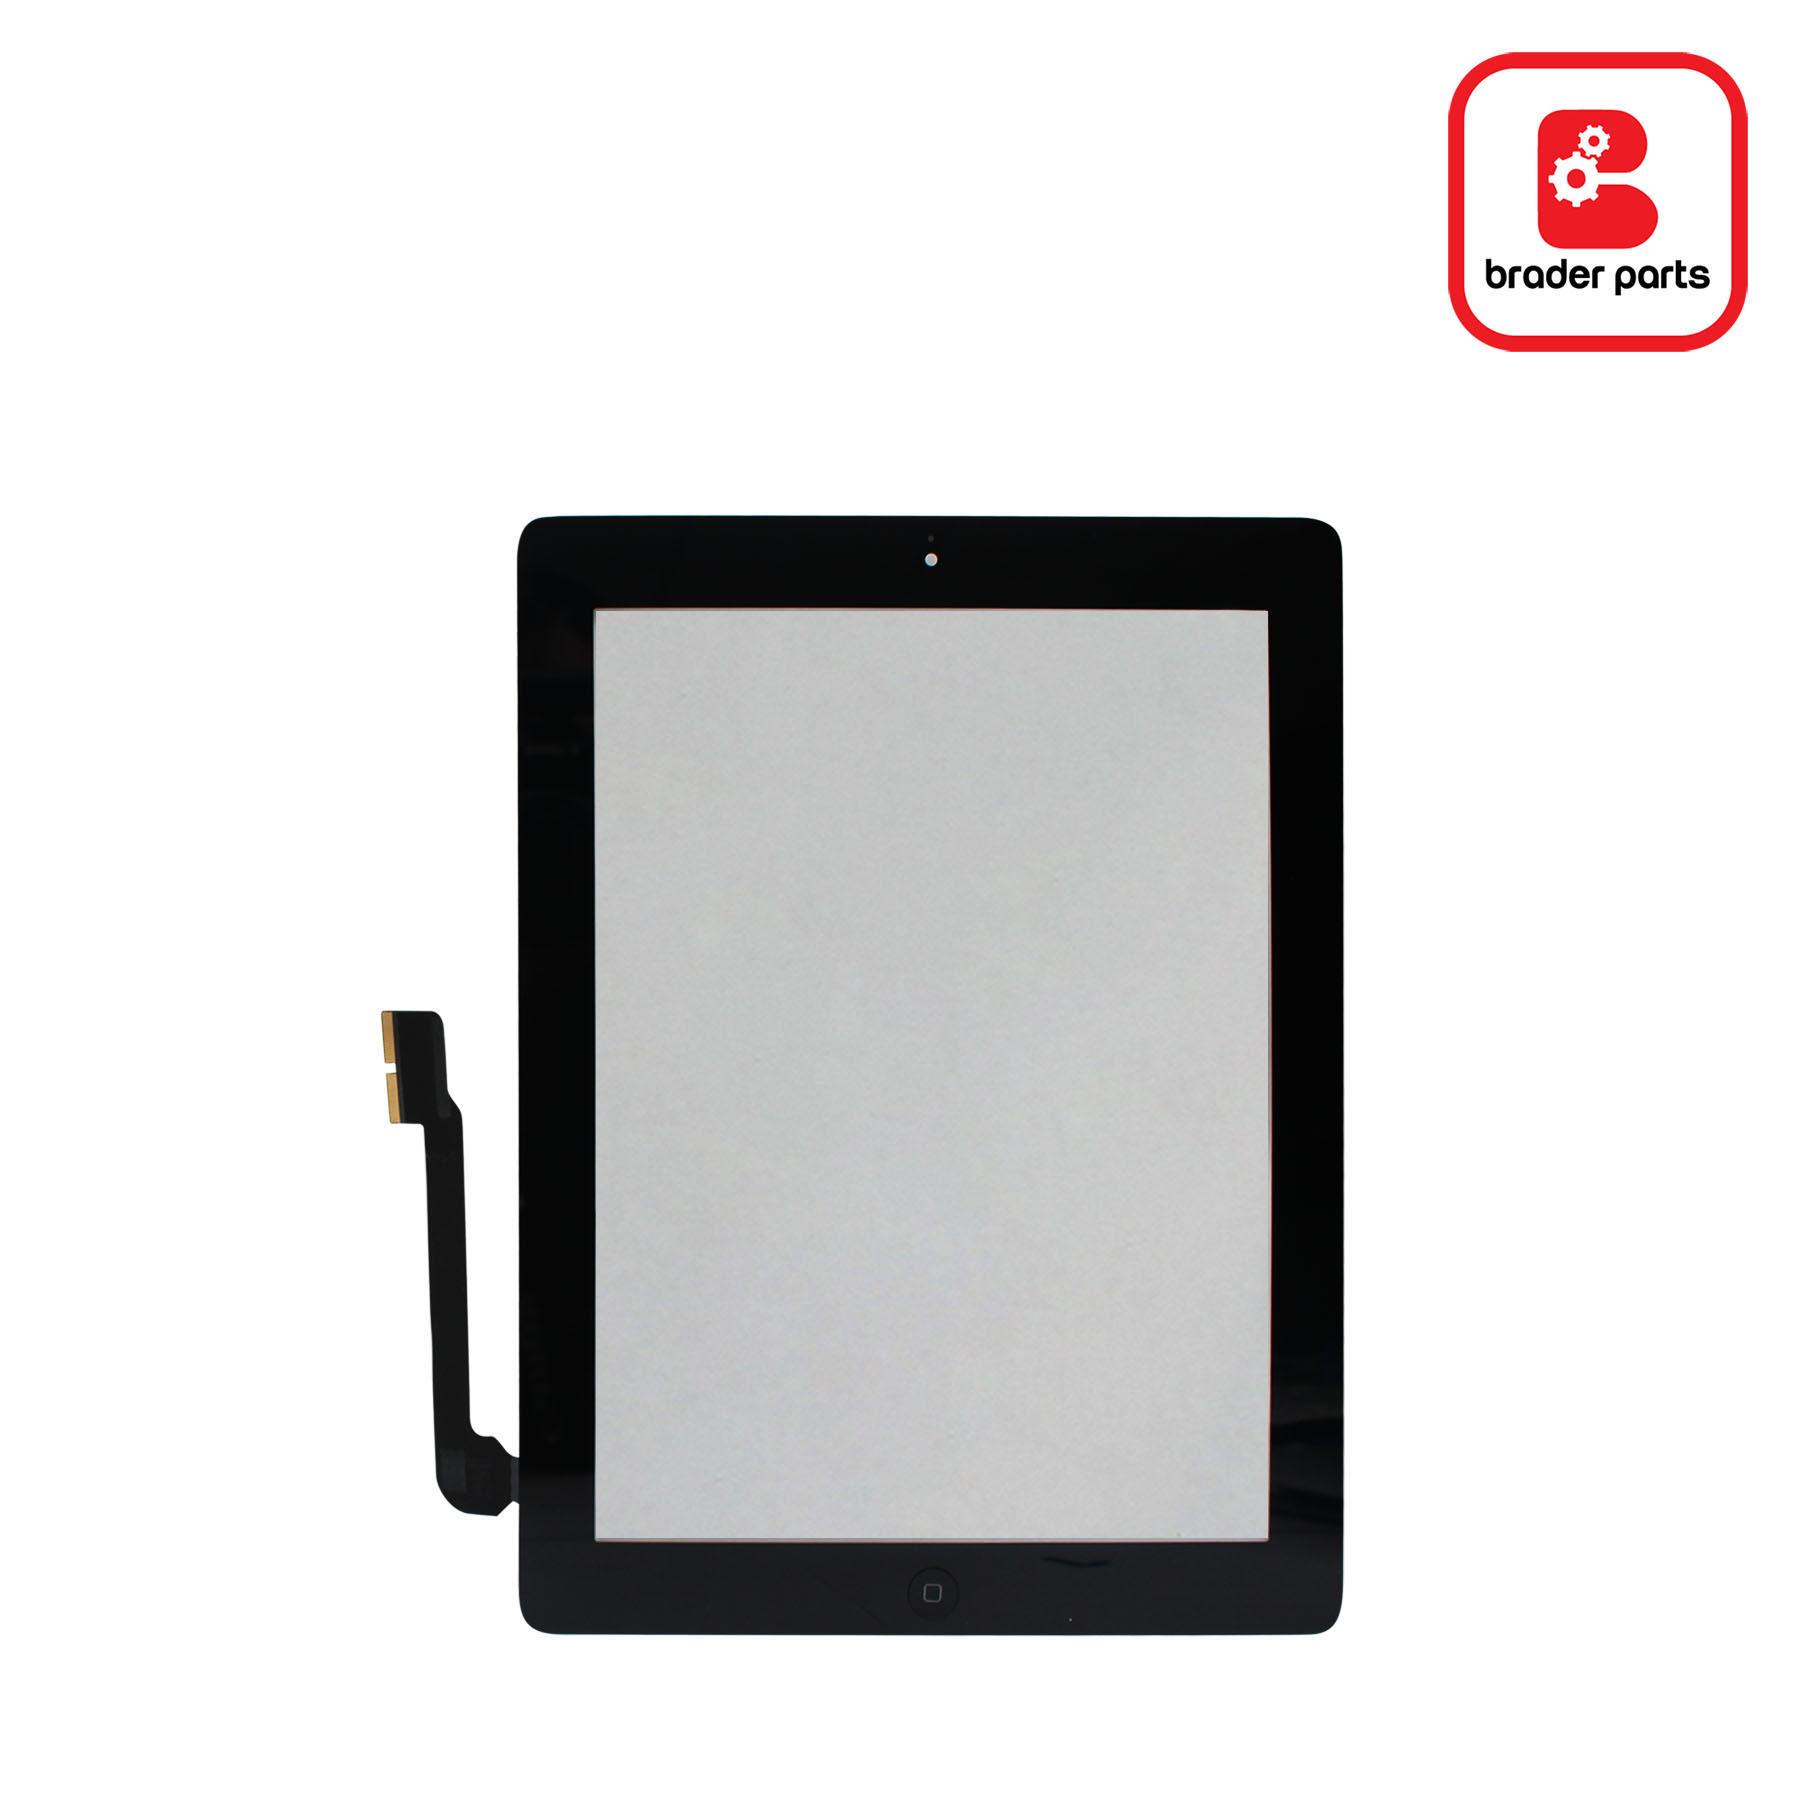 Touchscreen iPad 3 / iPad 4